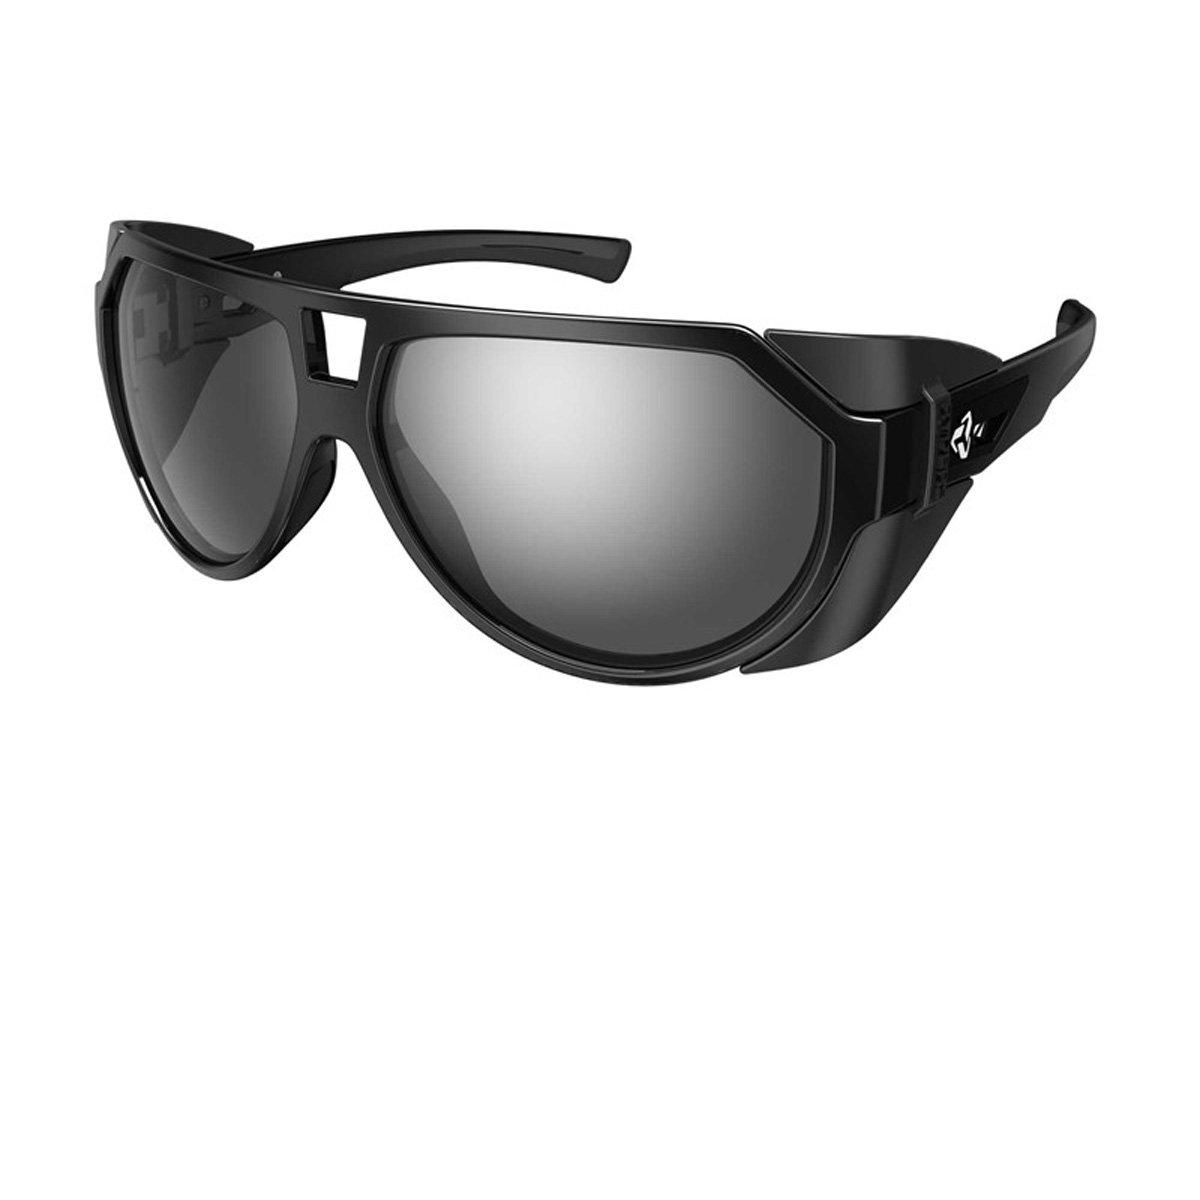 超美品の Ryders Eyewear Tsuga曇り止めサングラス B0716R51HZ BLACK// BLACK GREY LENS Ryders SILVER FM ANTI-FOG BLACK/ GREY LENS SILVER FM ANTI-FOG, 西脇市:87165958 --- vilazh.indexis.ru